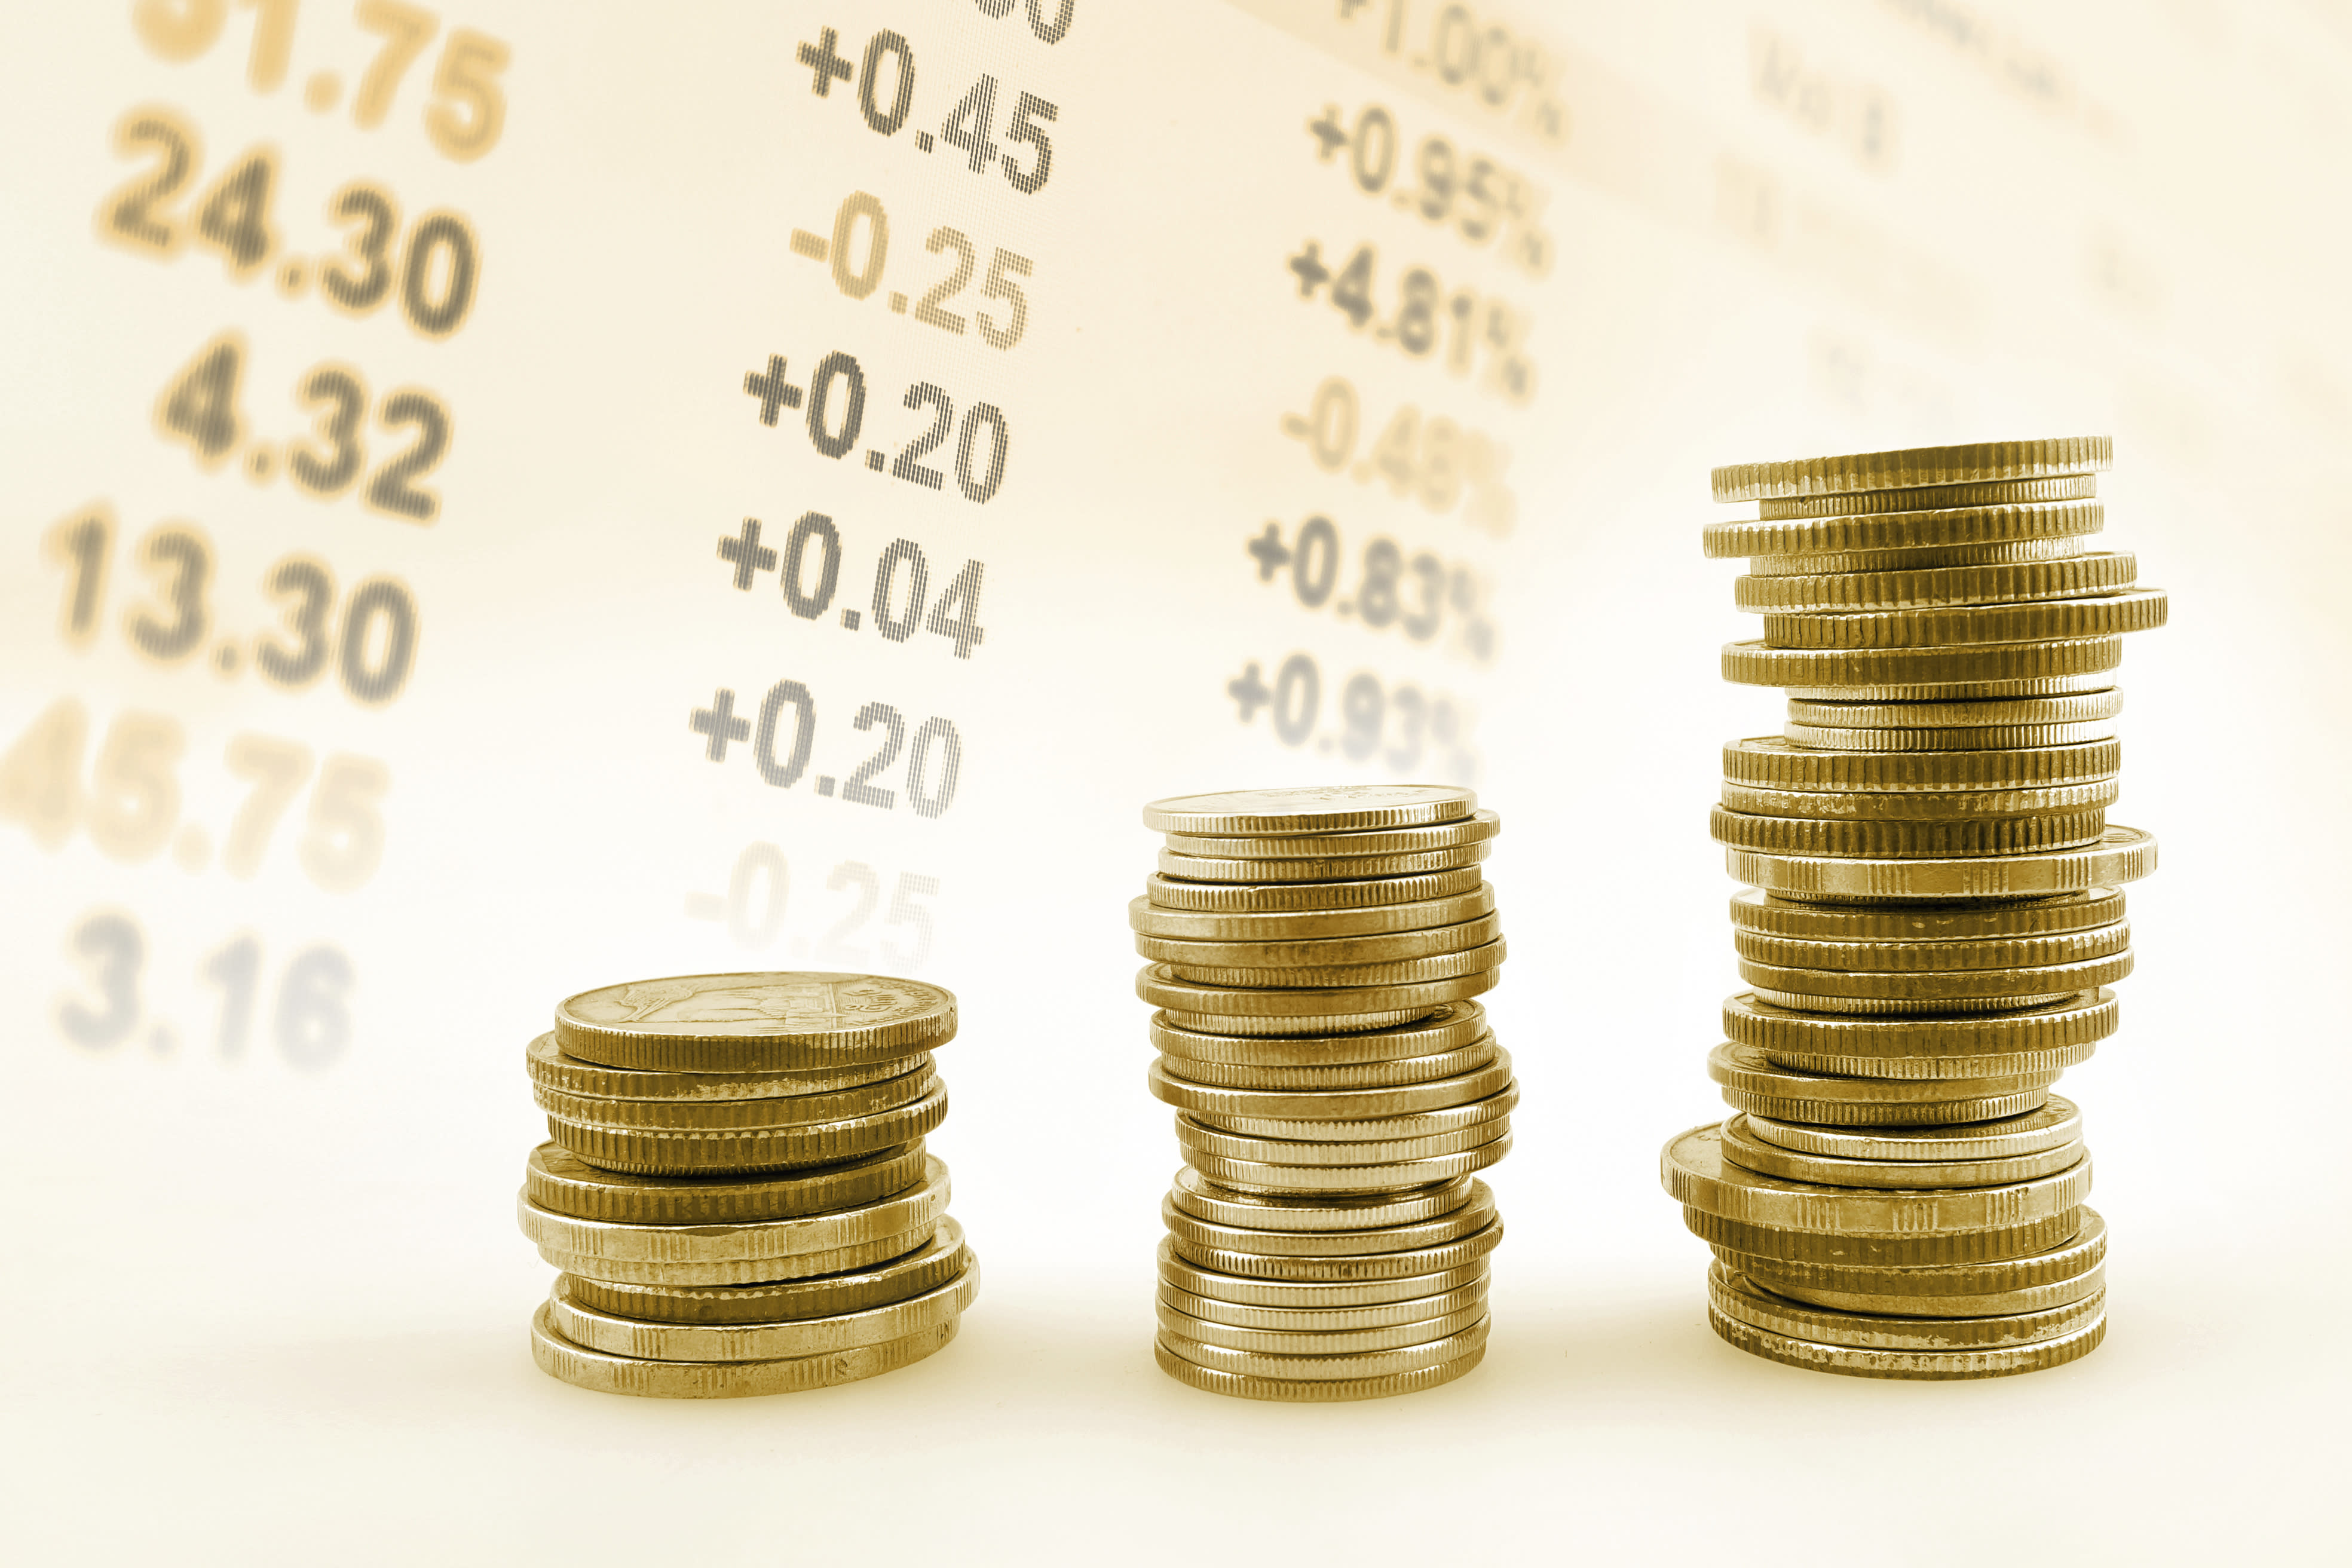 投資美股很簡單 便宜、分批、慢慢買